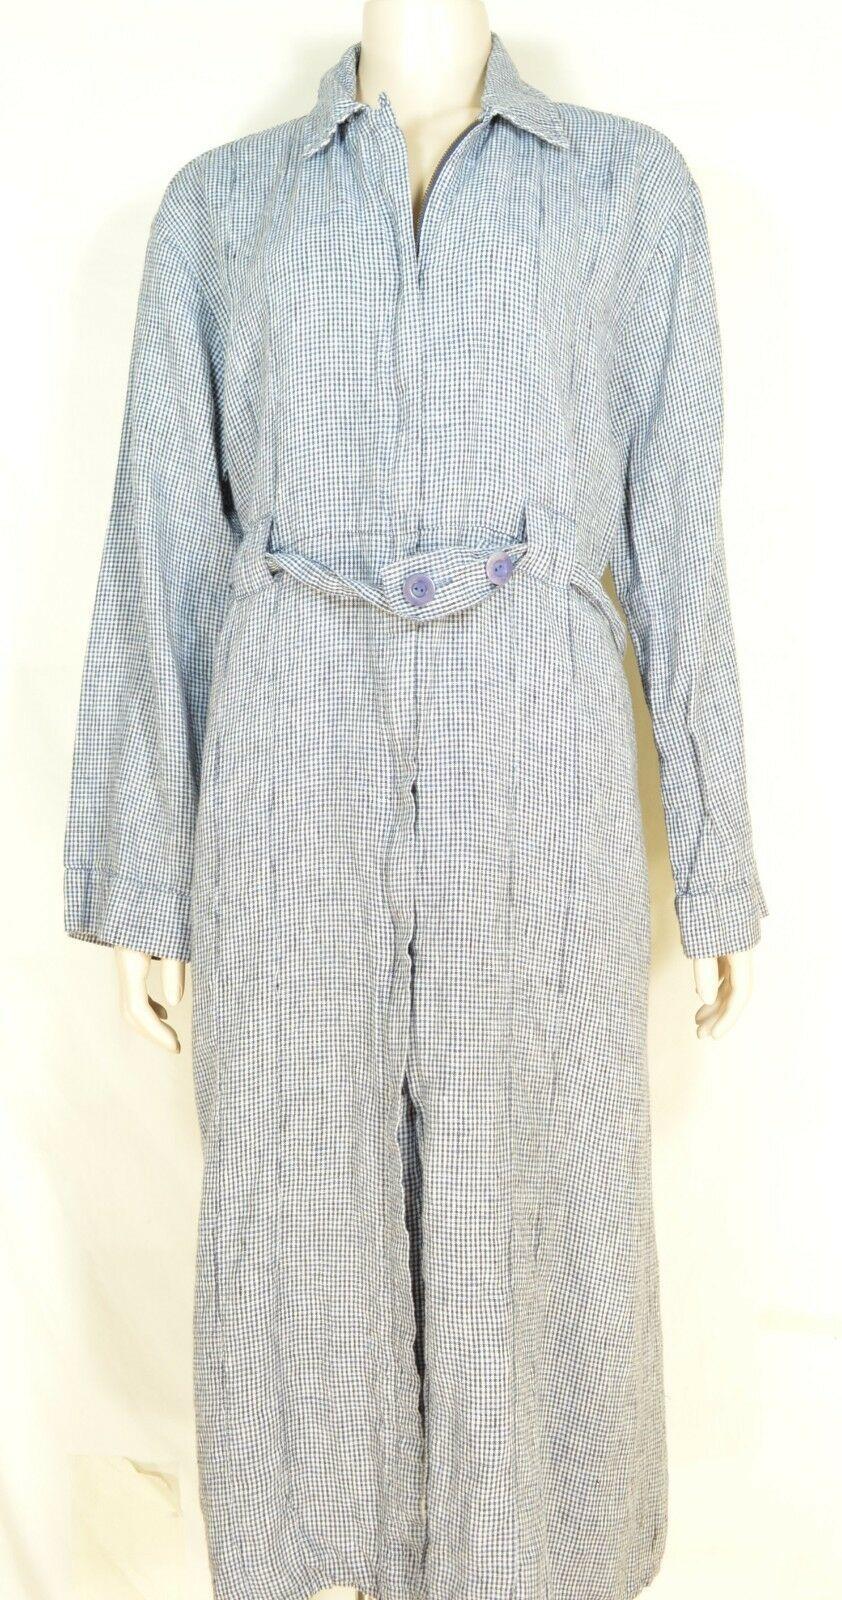 FLAX Engelhart dress coat SZ M blue white checks zipper pockets belted  long max